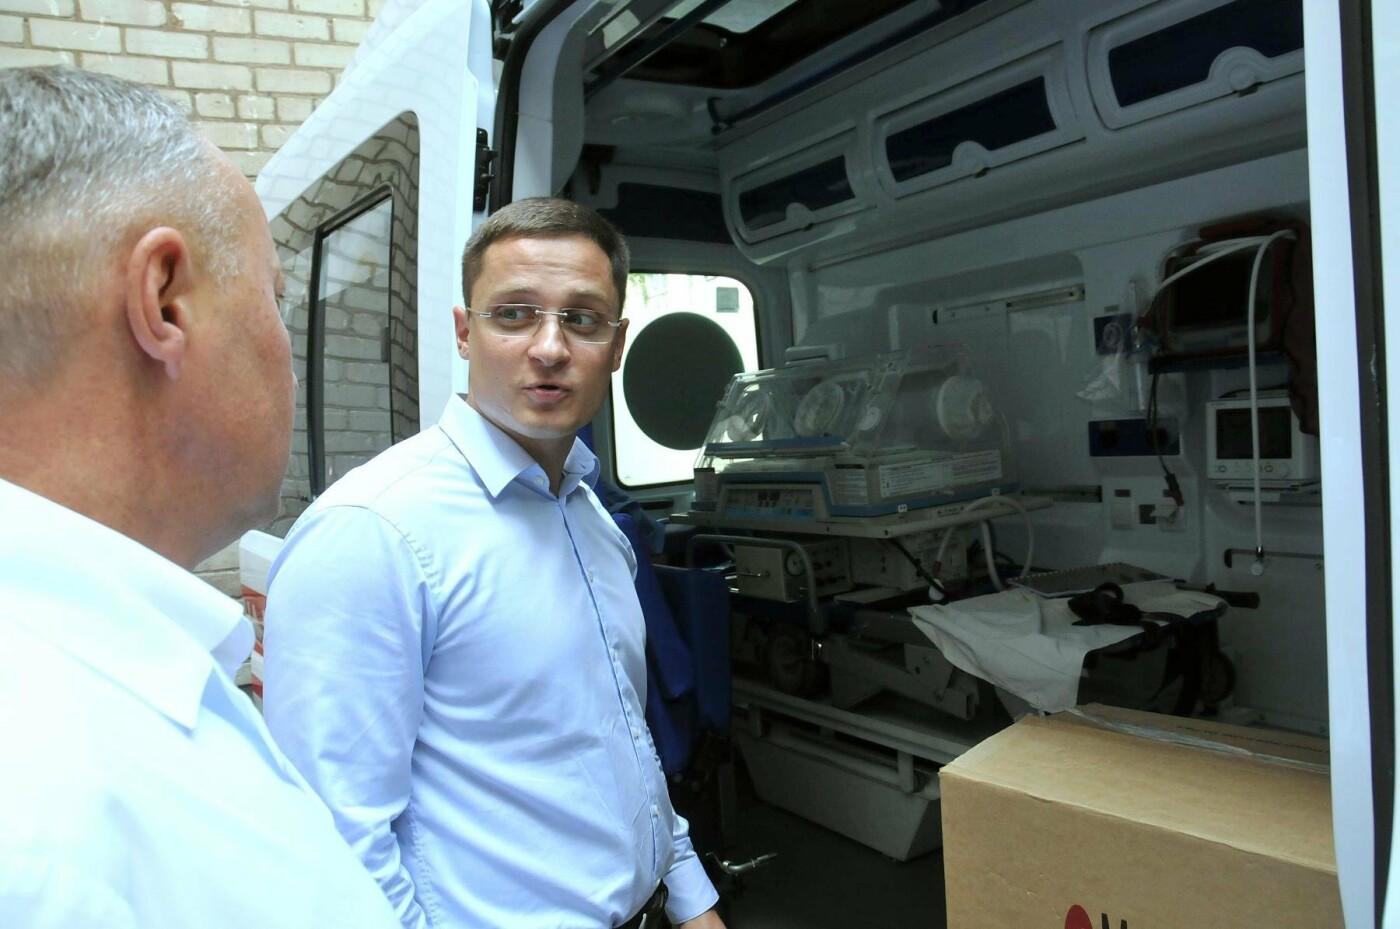 Владислав Марченко: Через месяц в областной детской больнице начнется демонтаж и строительство нового хирургического блока, фото-5